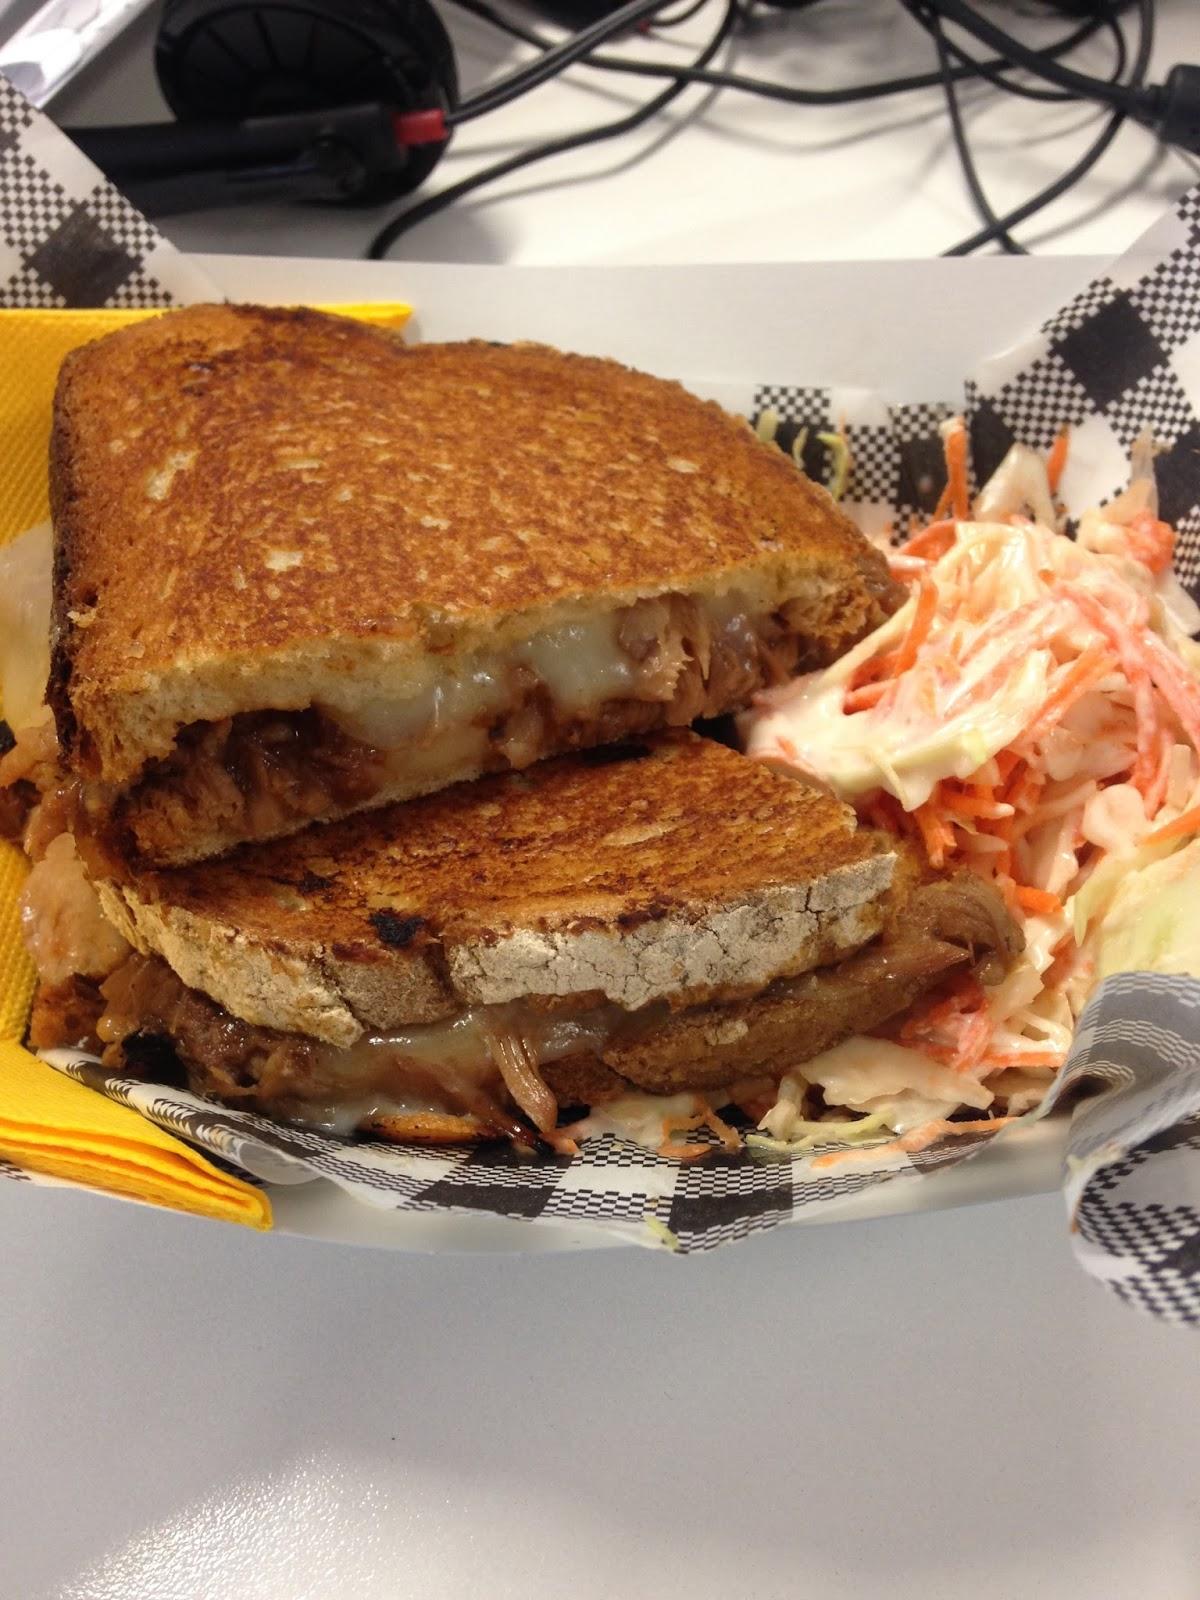 Food truck, Food, Adelaide, SA Food, Foodporn, Cheesy Street, Cheese, Toasted Sandwich, Toasties, Lunch, CBD Lunch, Food van